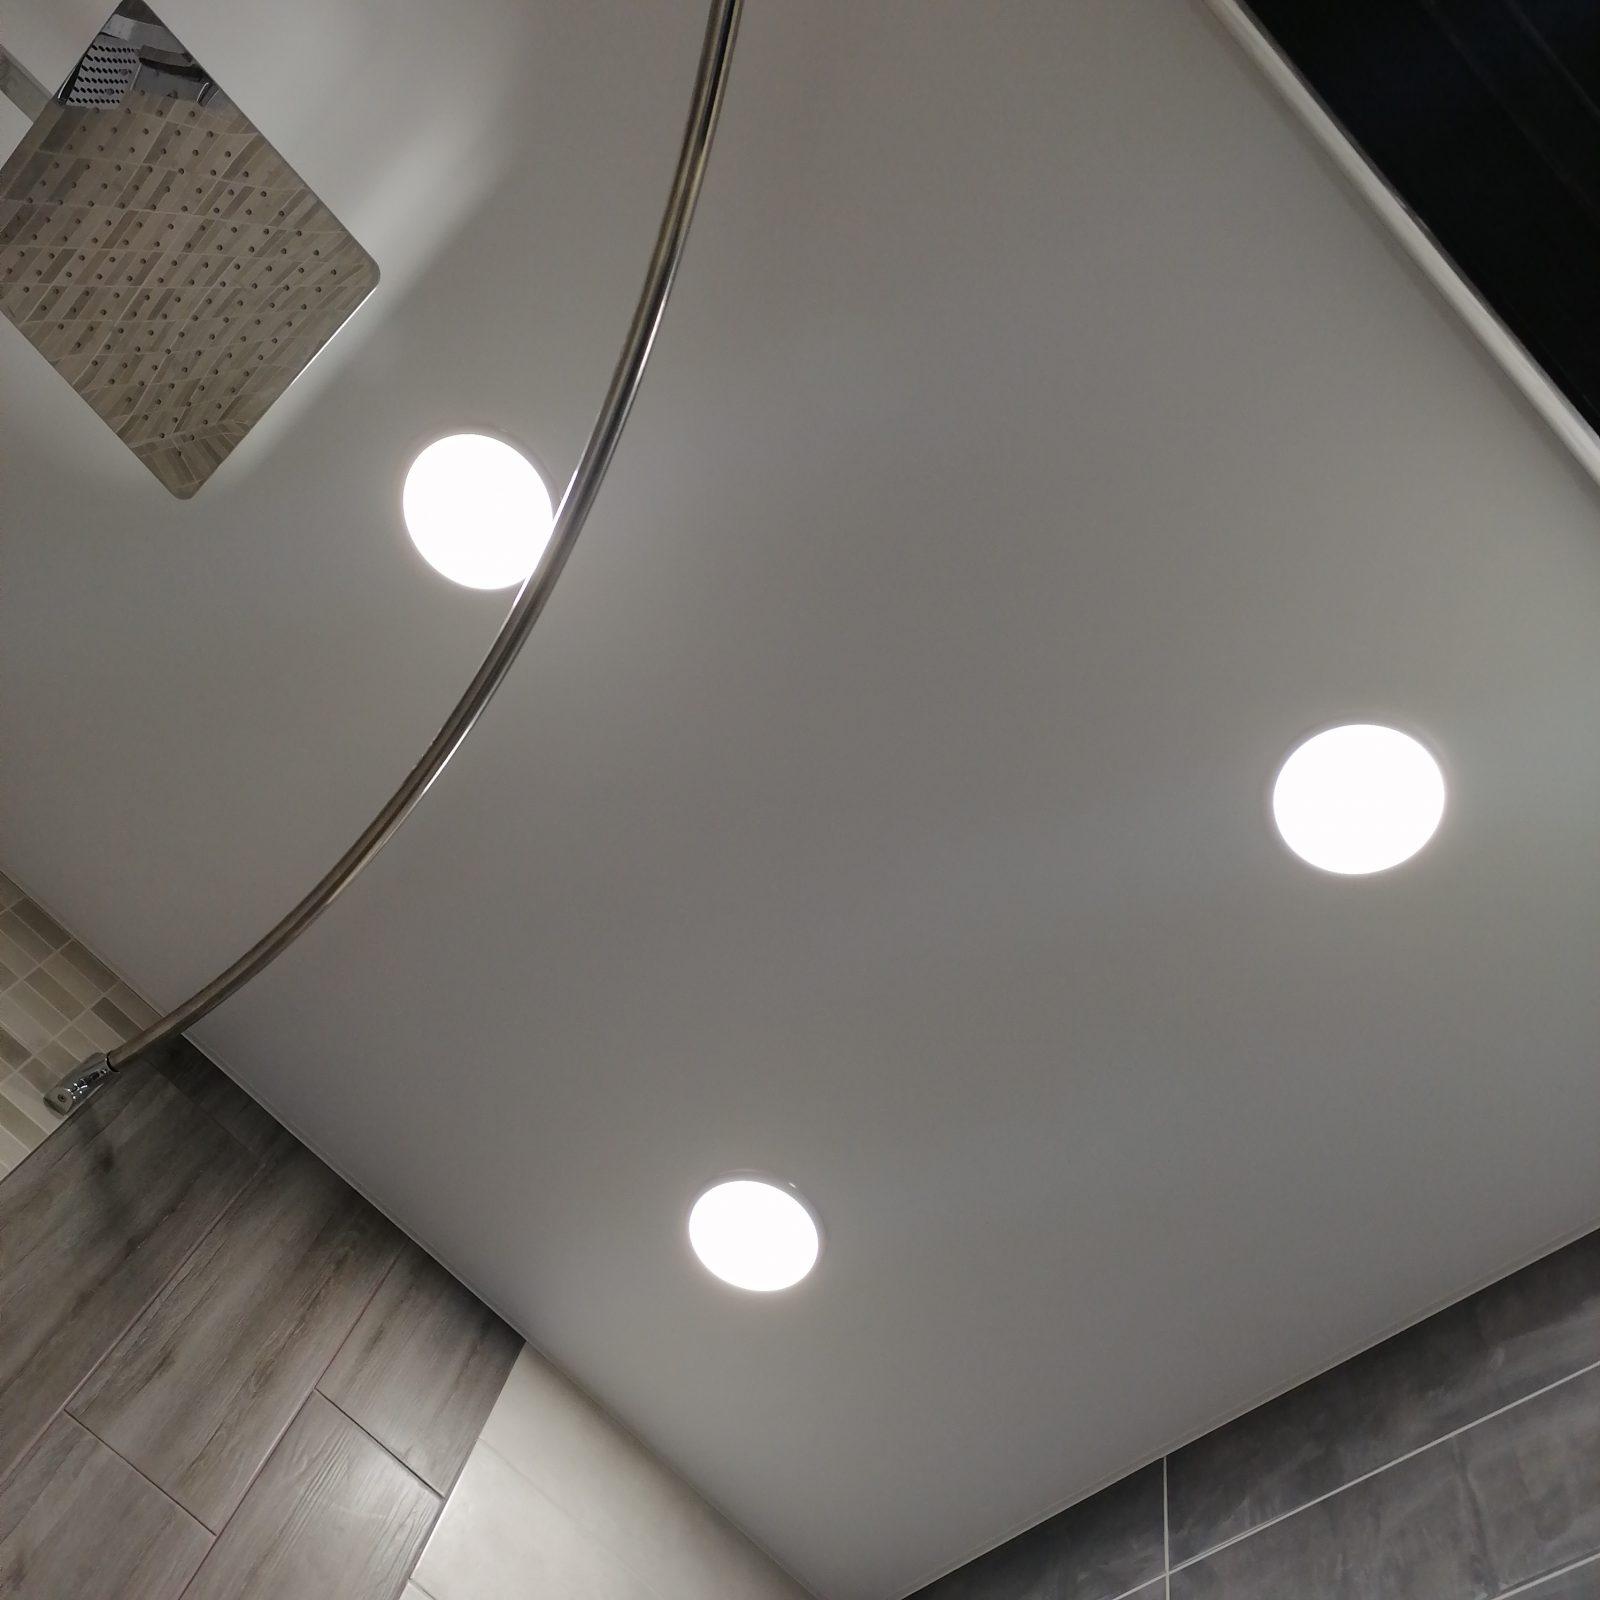 натяжной потолок с встроенным светом в коврове